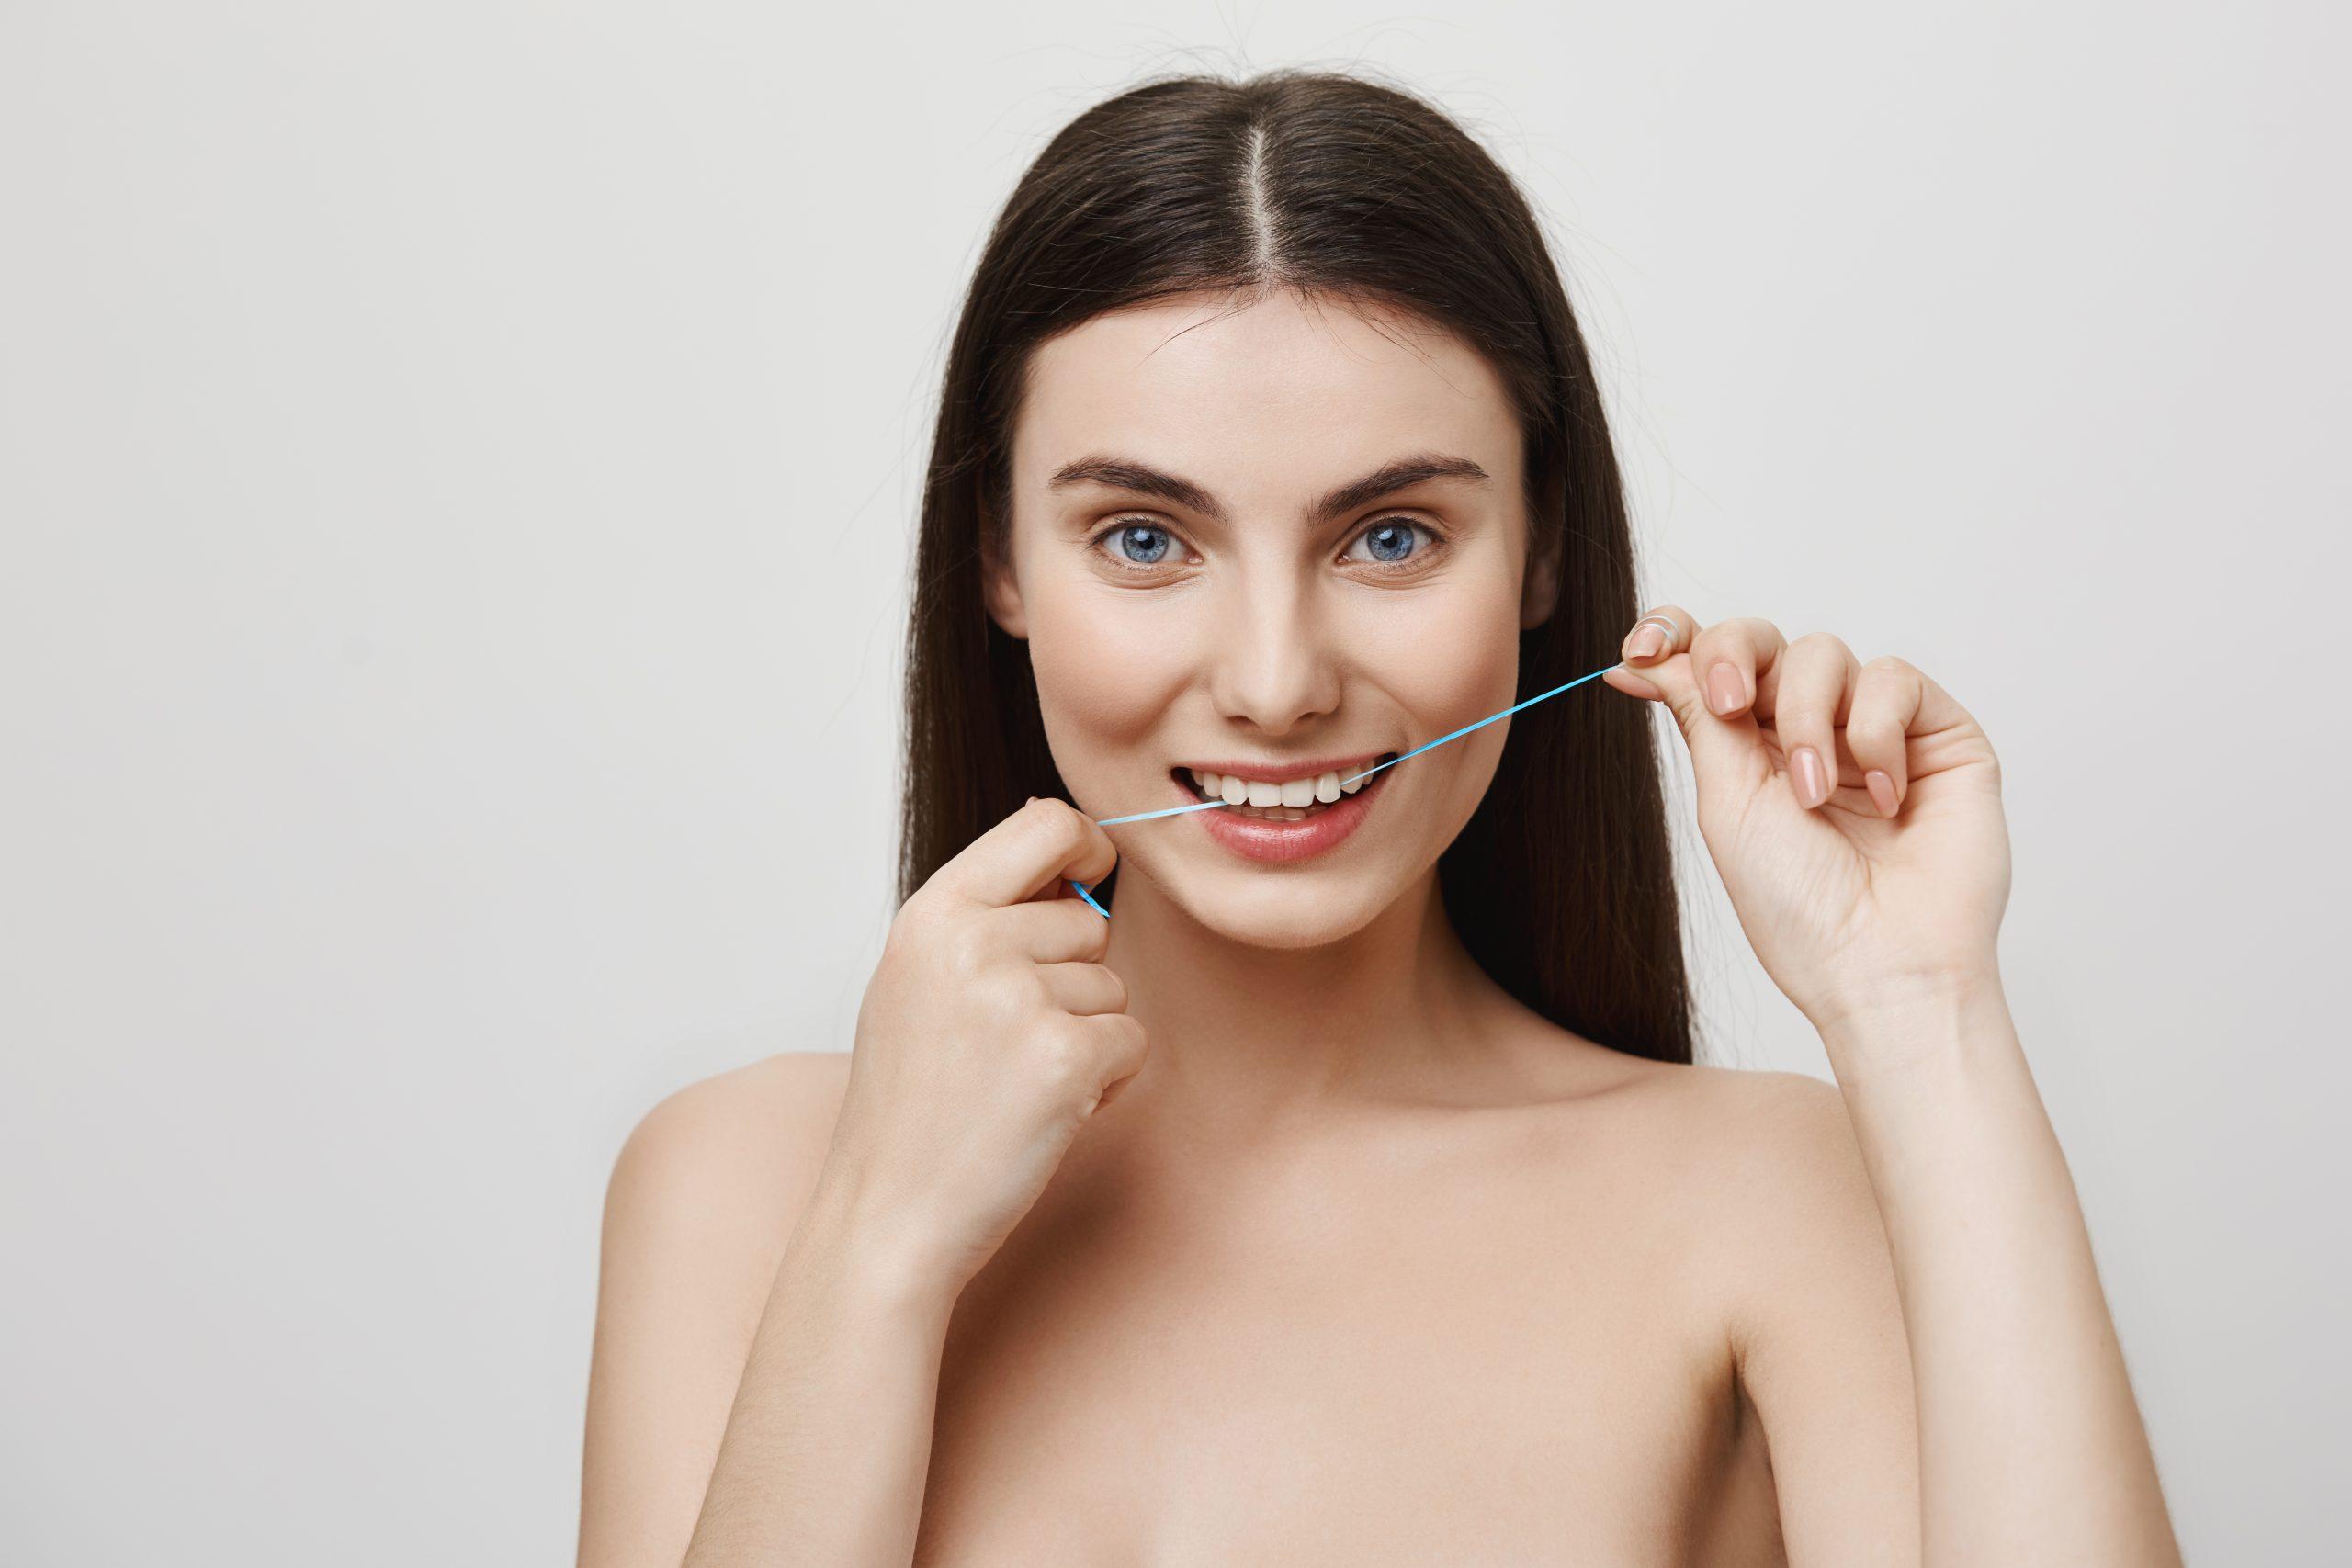 Ketahui Bagaimana Cara Flossing Gigi dan Manfaatnya